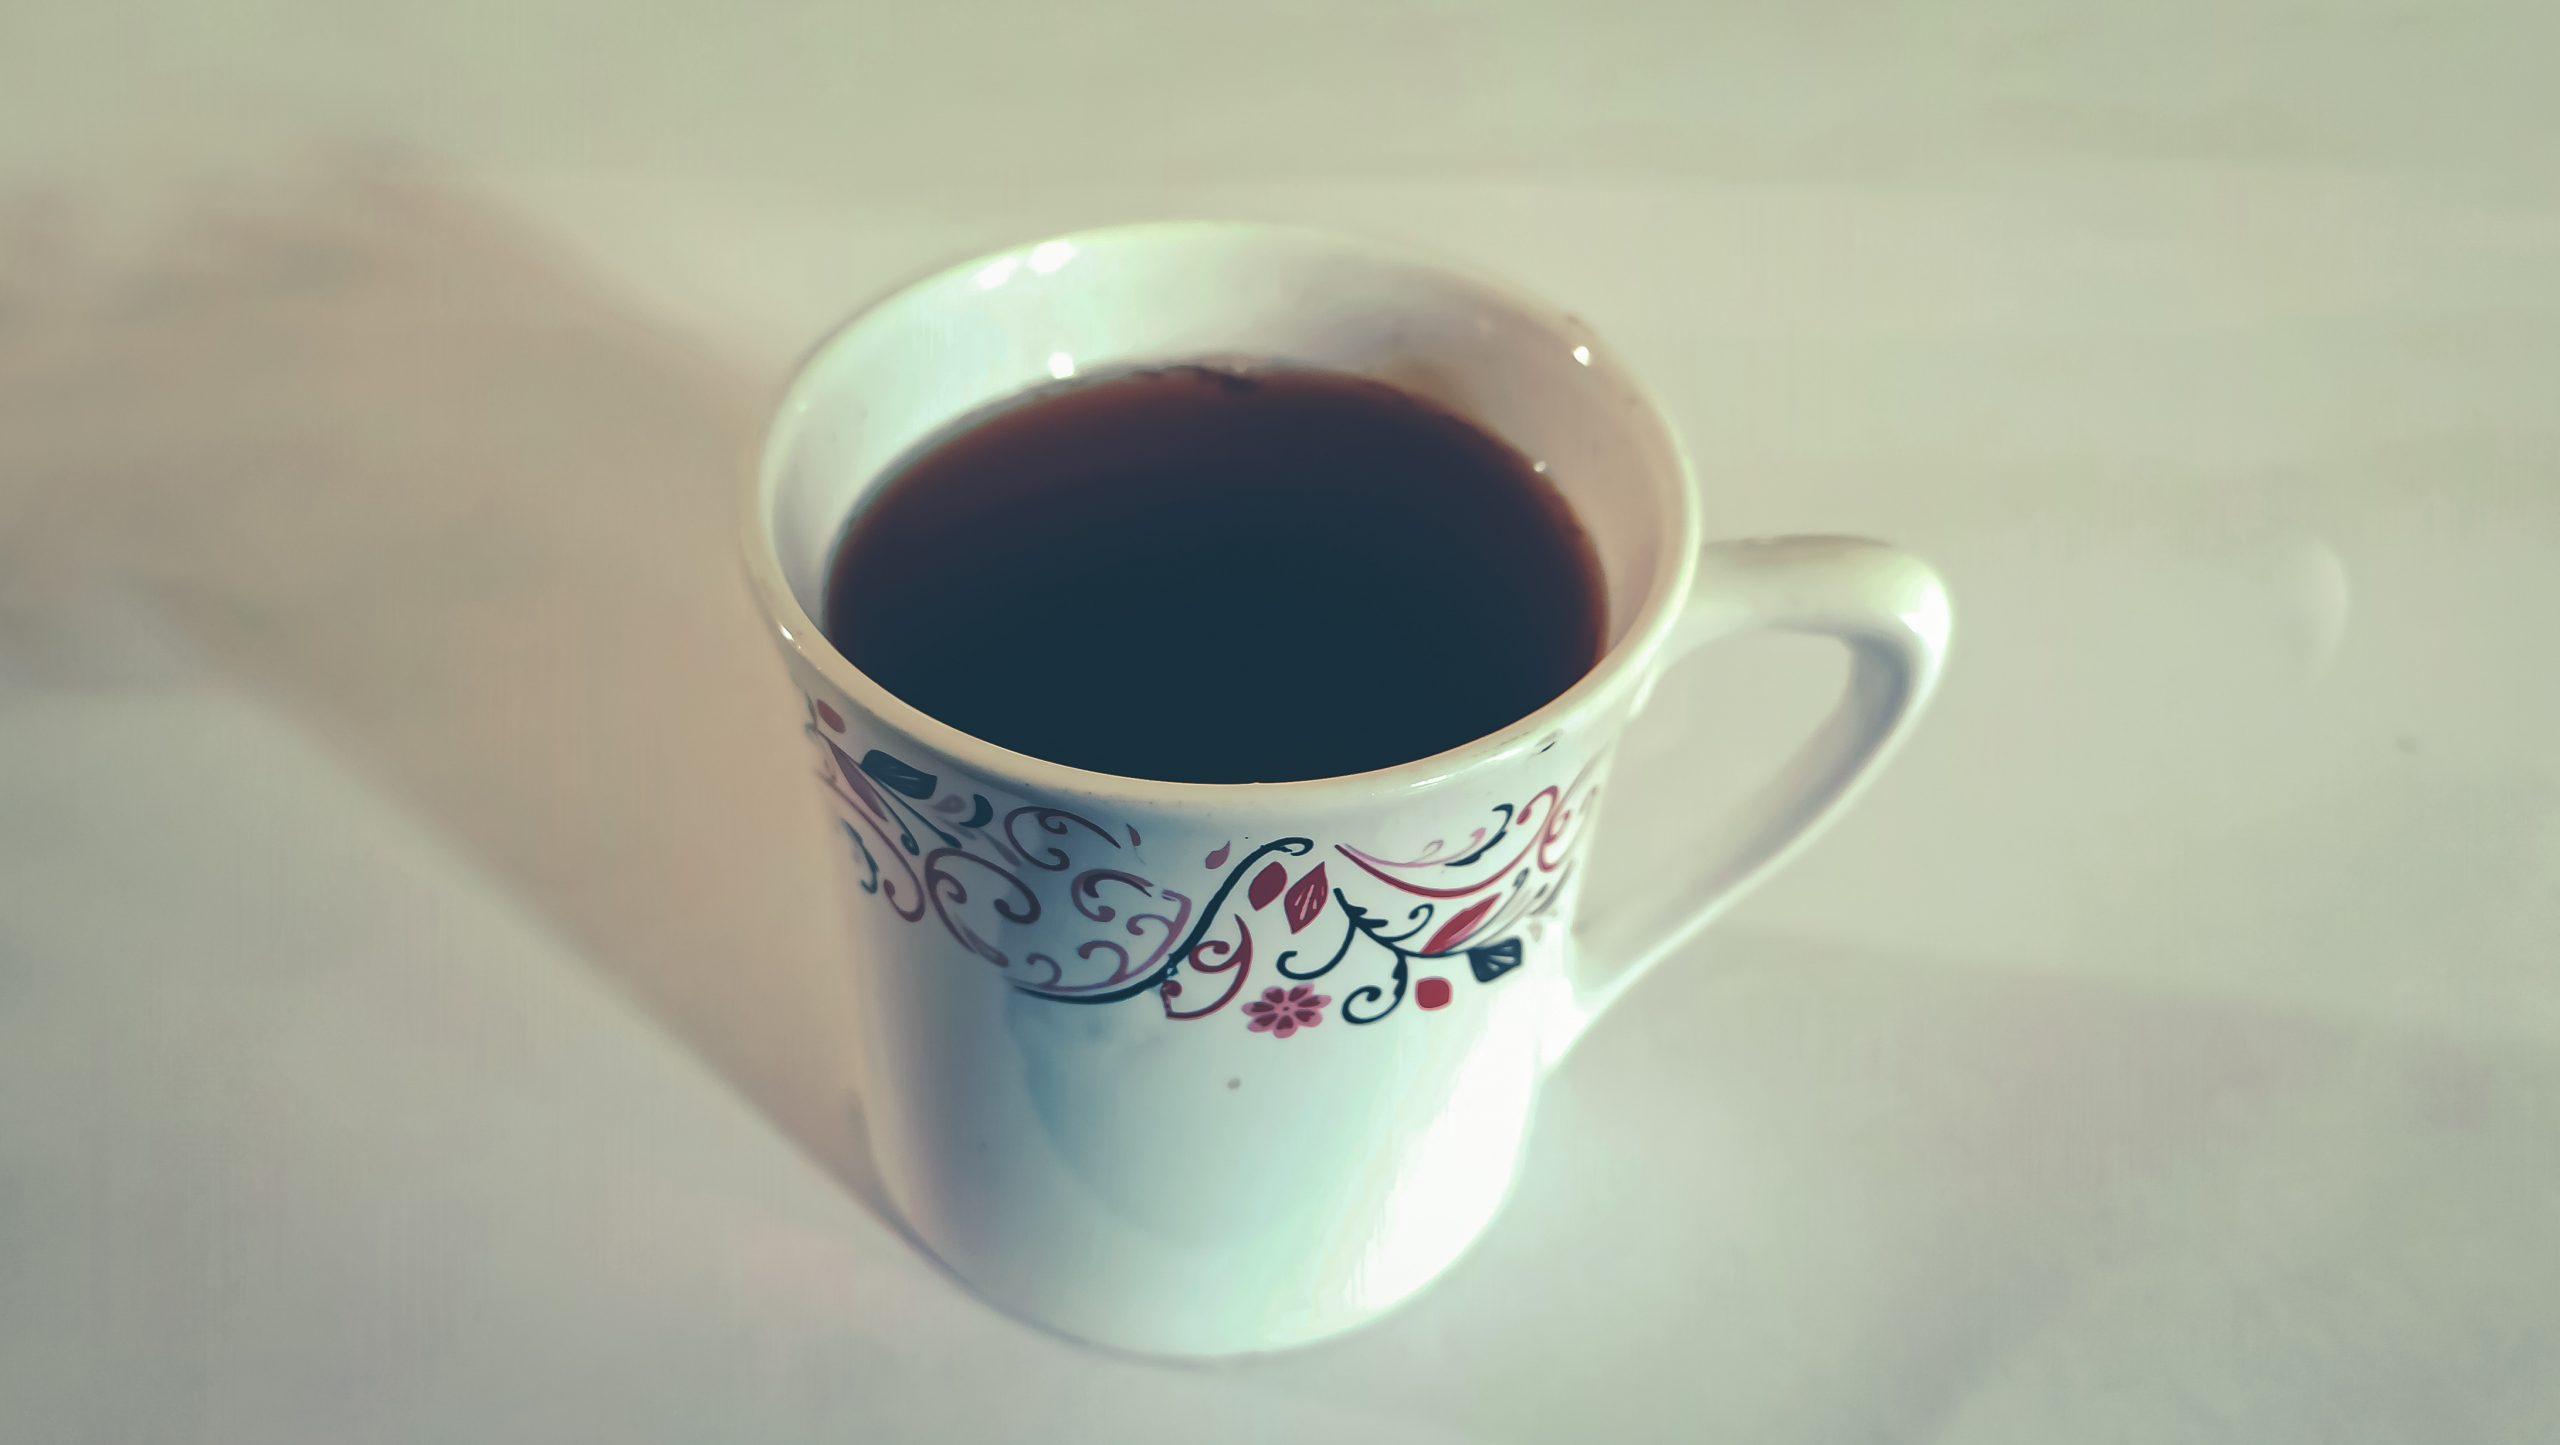 A black tea cup